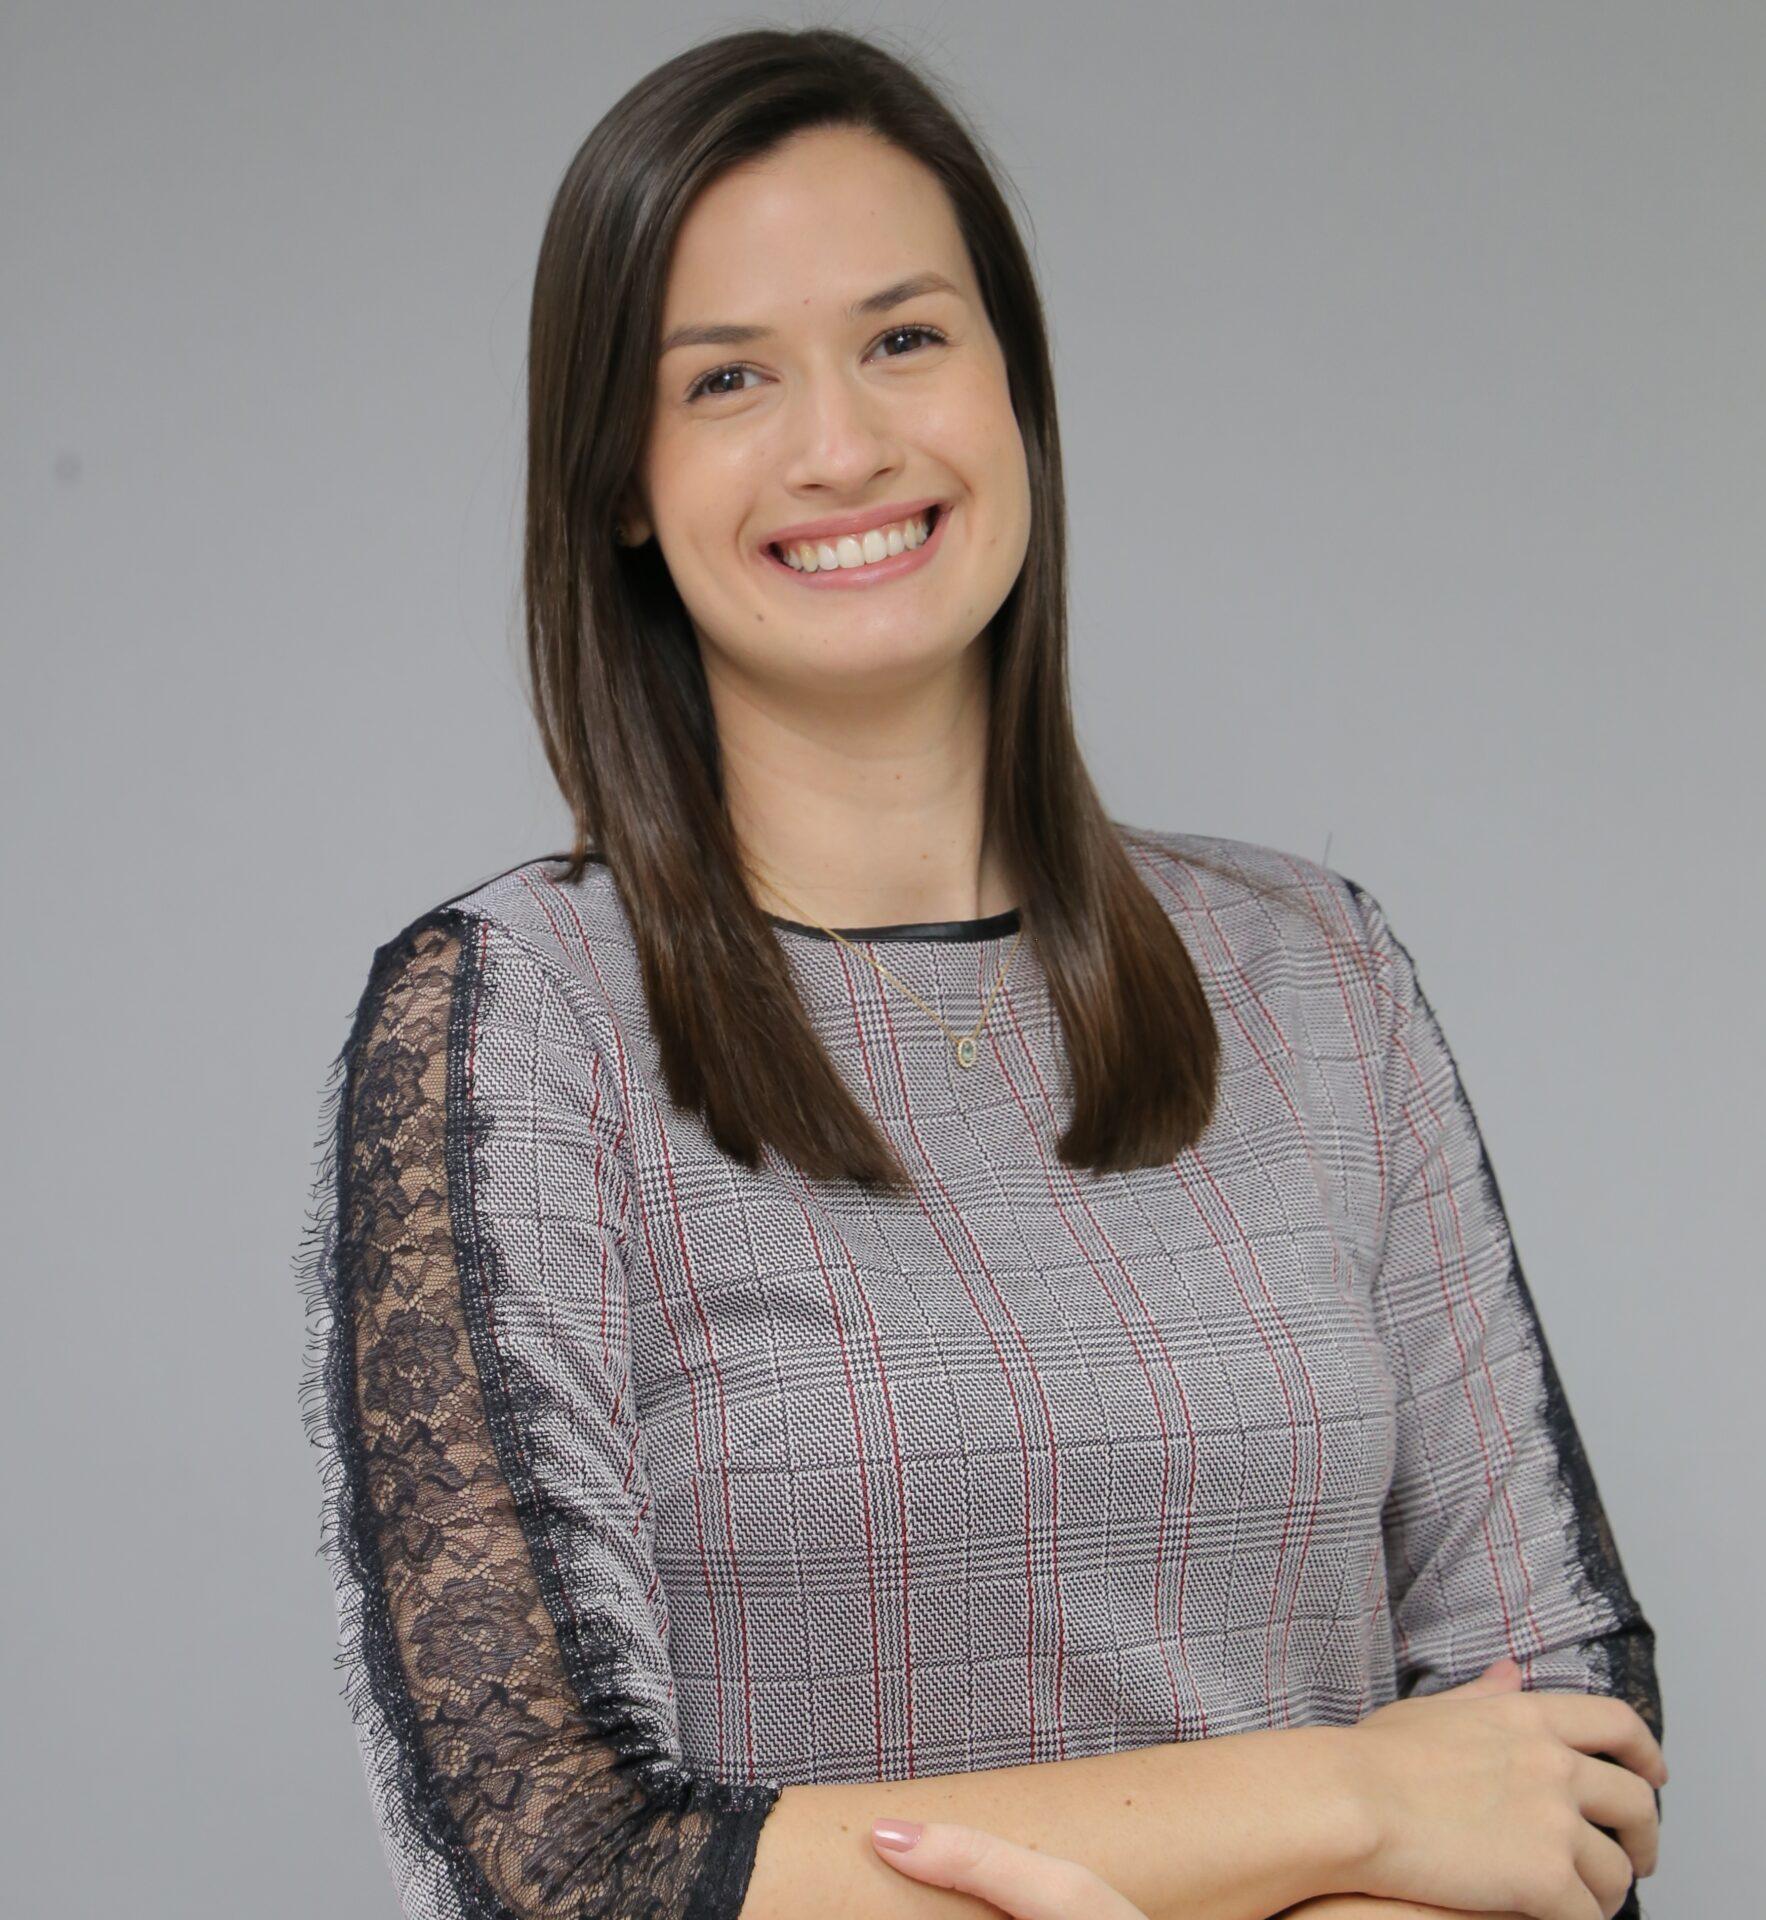 Vivian Mantovani Battaglin Ferreira